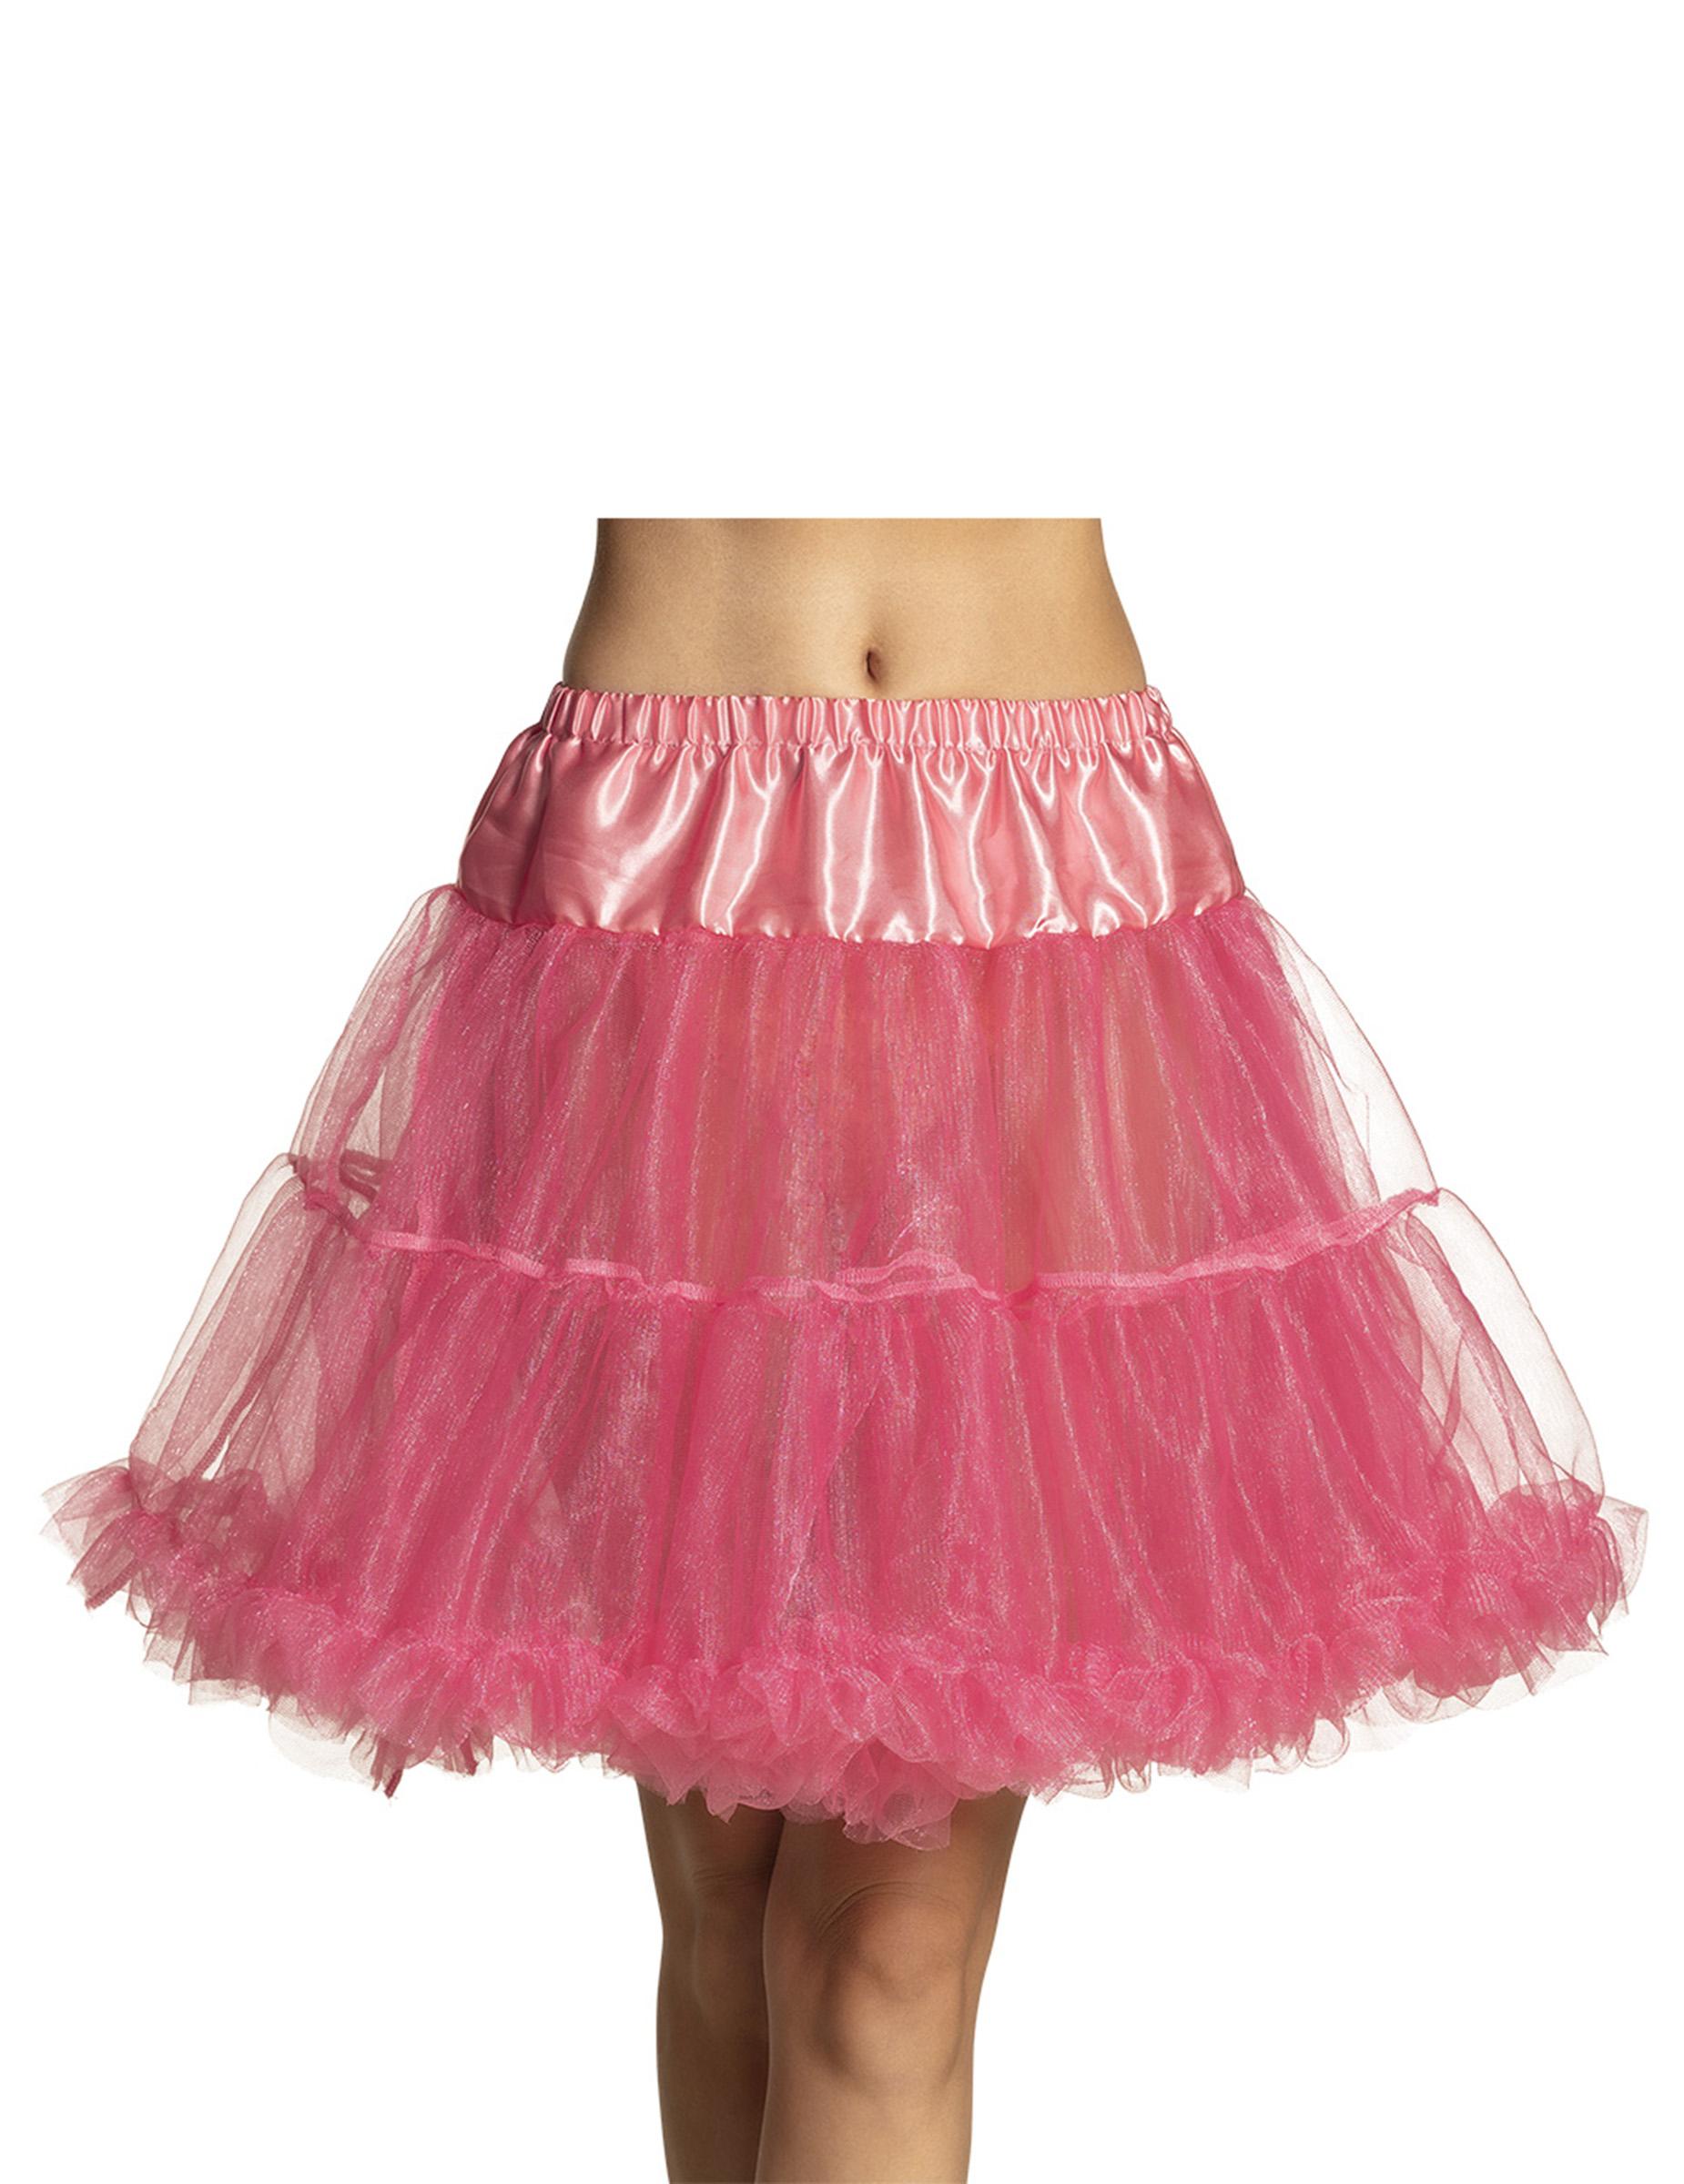 più recente b4649 f136f Sotto gonna media lunghezza rosa per donna: Accessori,e vestiti di ...